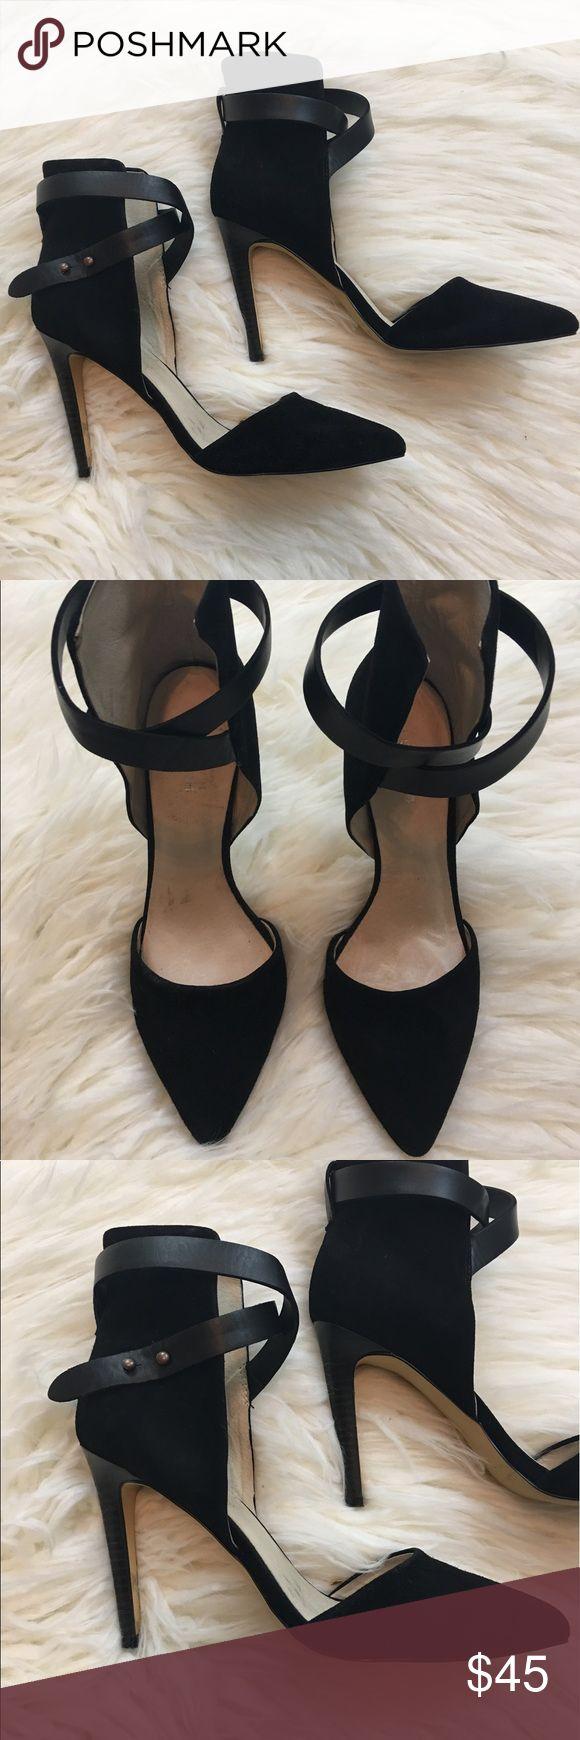 Joe's Black Suede Heels Super Cute! Gently Loved! 7M Joe's Shoes